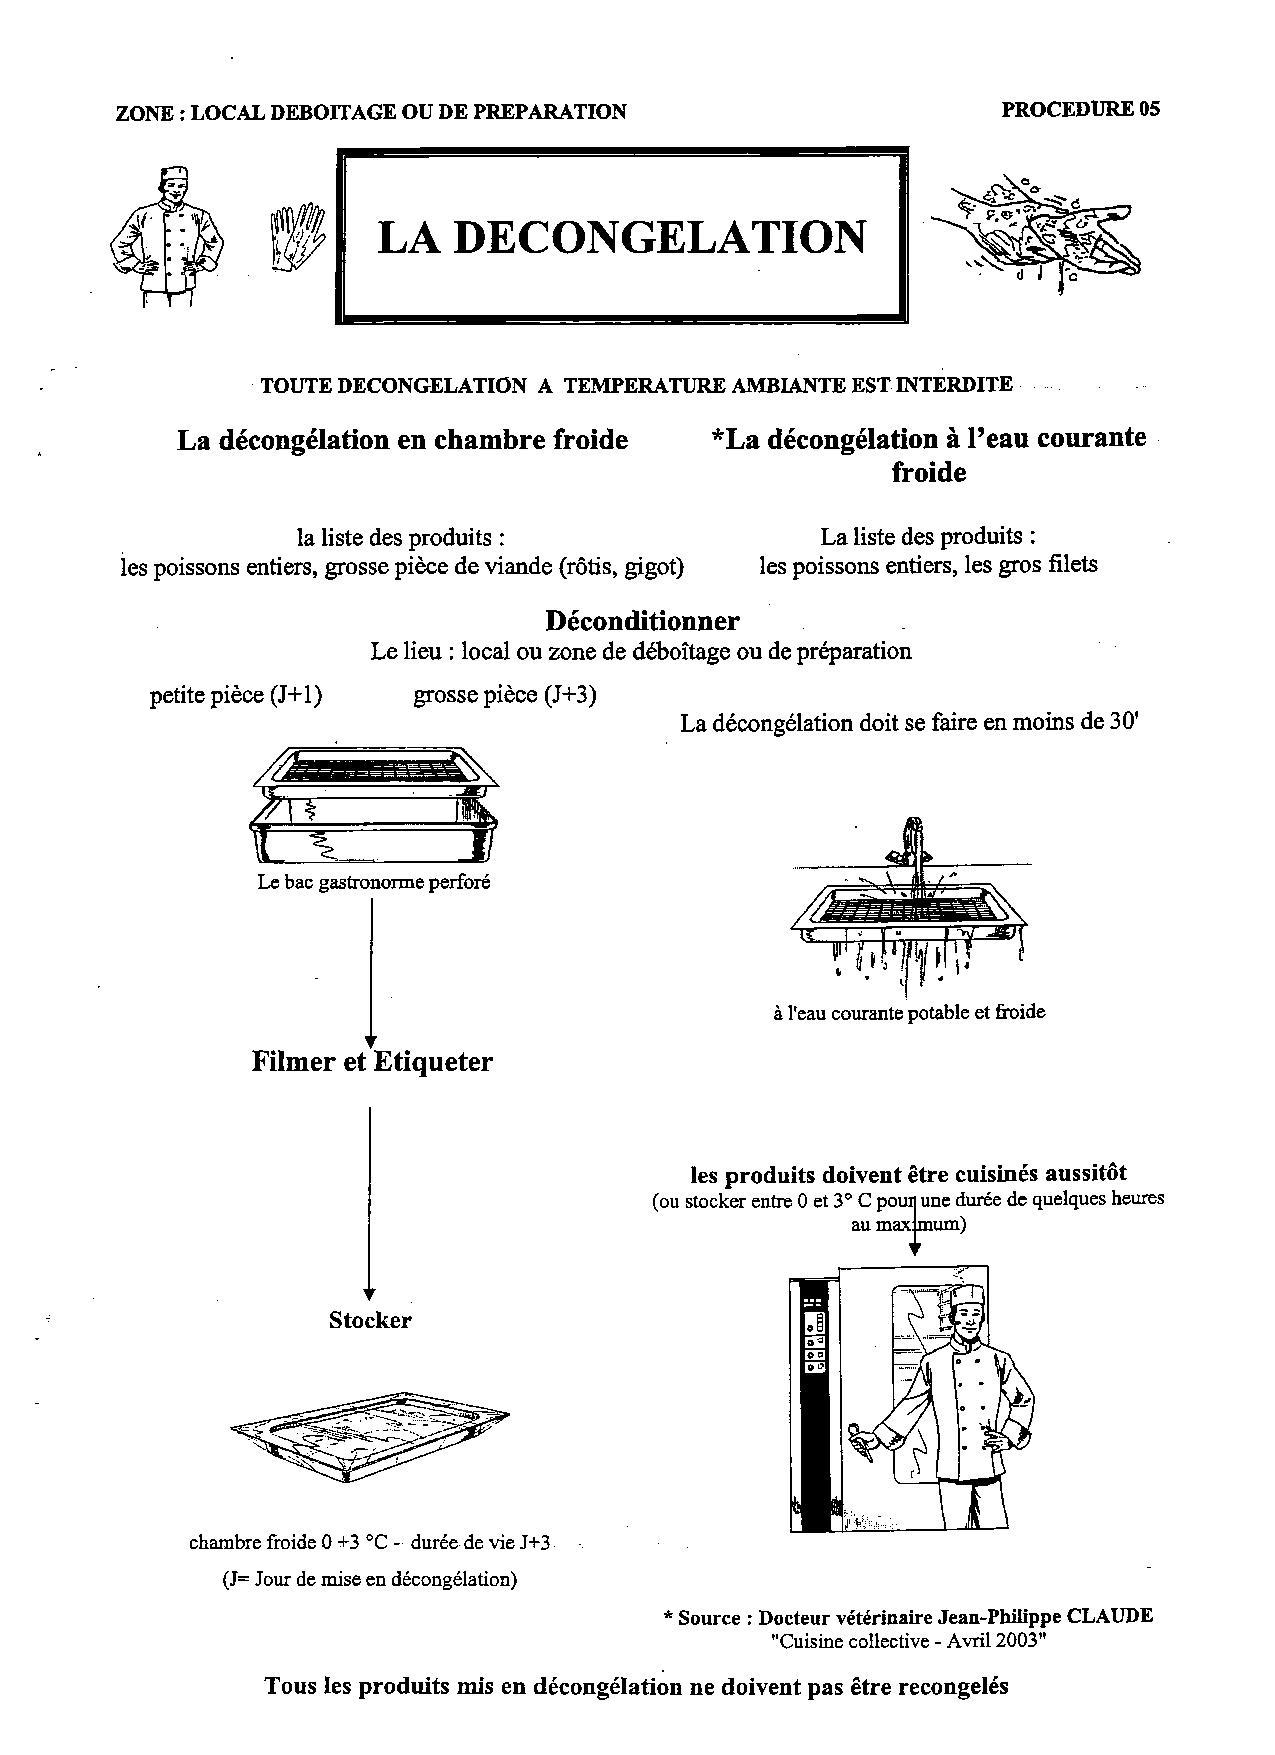 Fiche Technique Recette Cuisine Collectivite   Les Procedures En Hygiene Et Securite En Restauration En Haccp